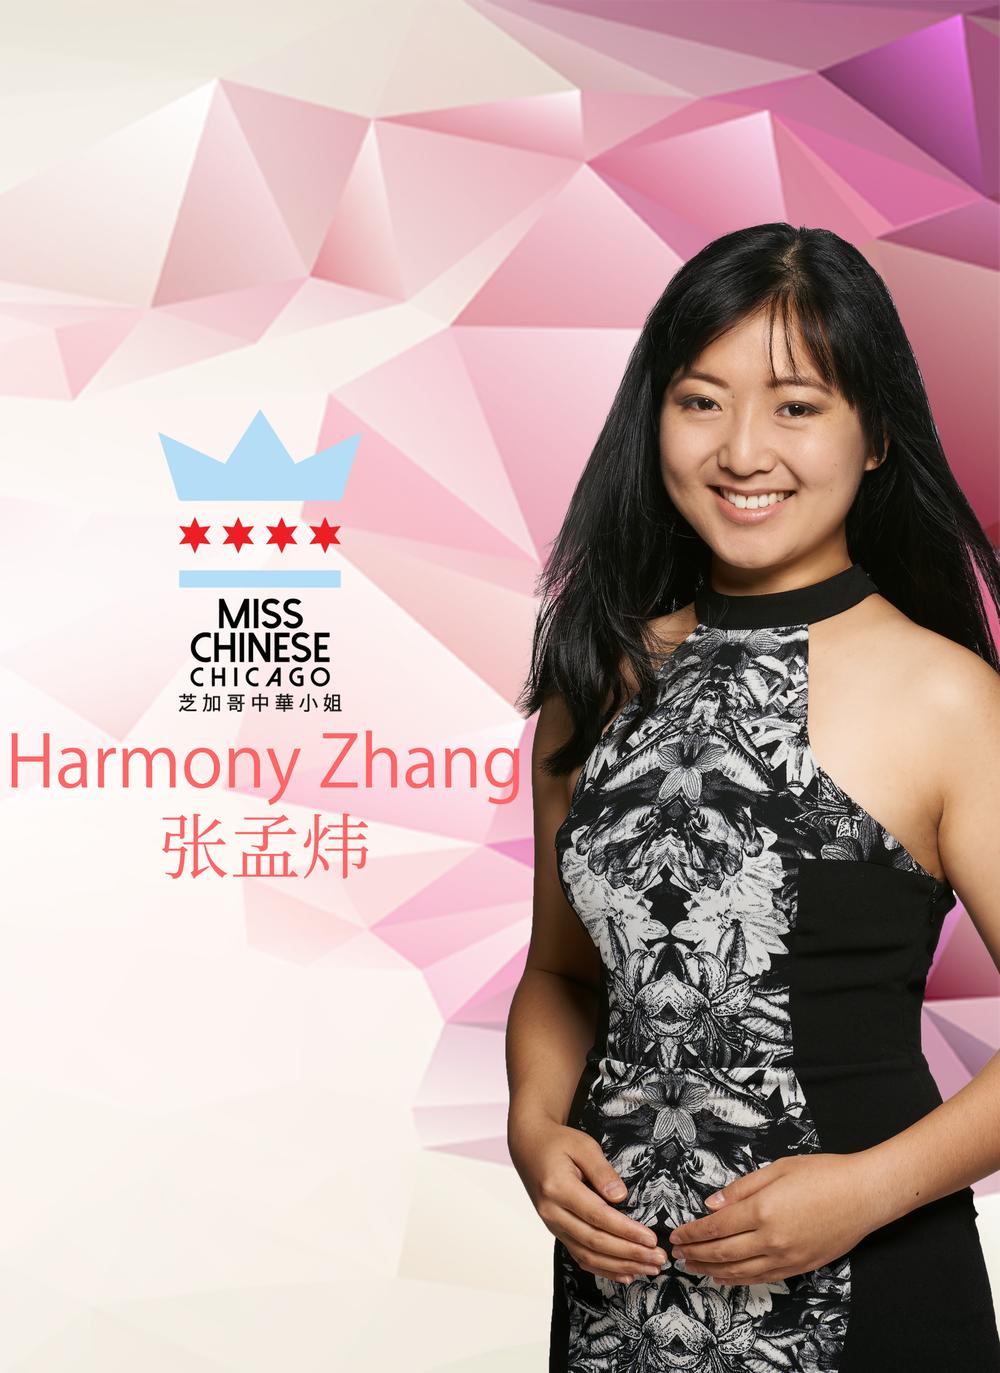 HarmonyZhang_MissChineseChicago2018.jpg